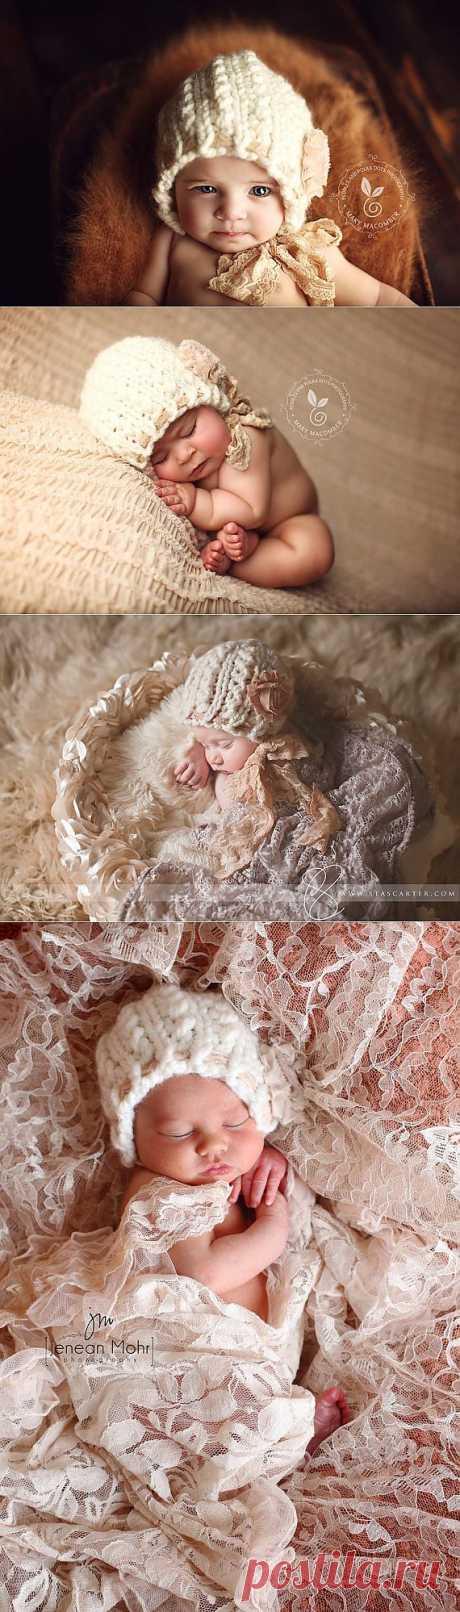 Новорожденный Bonnet